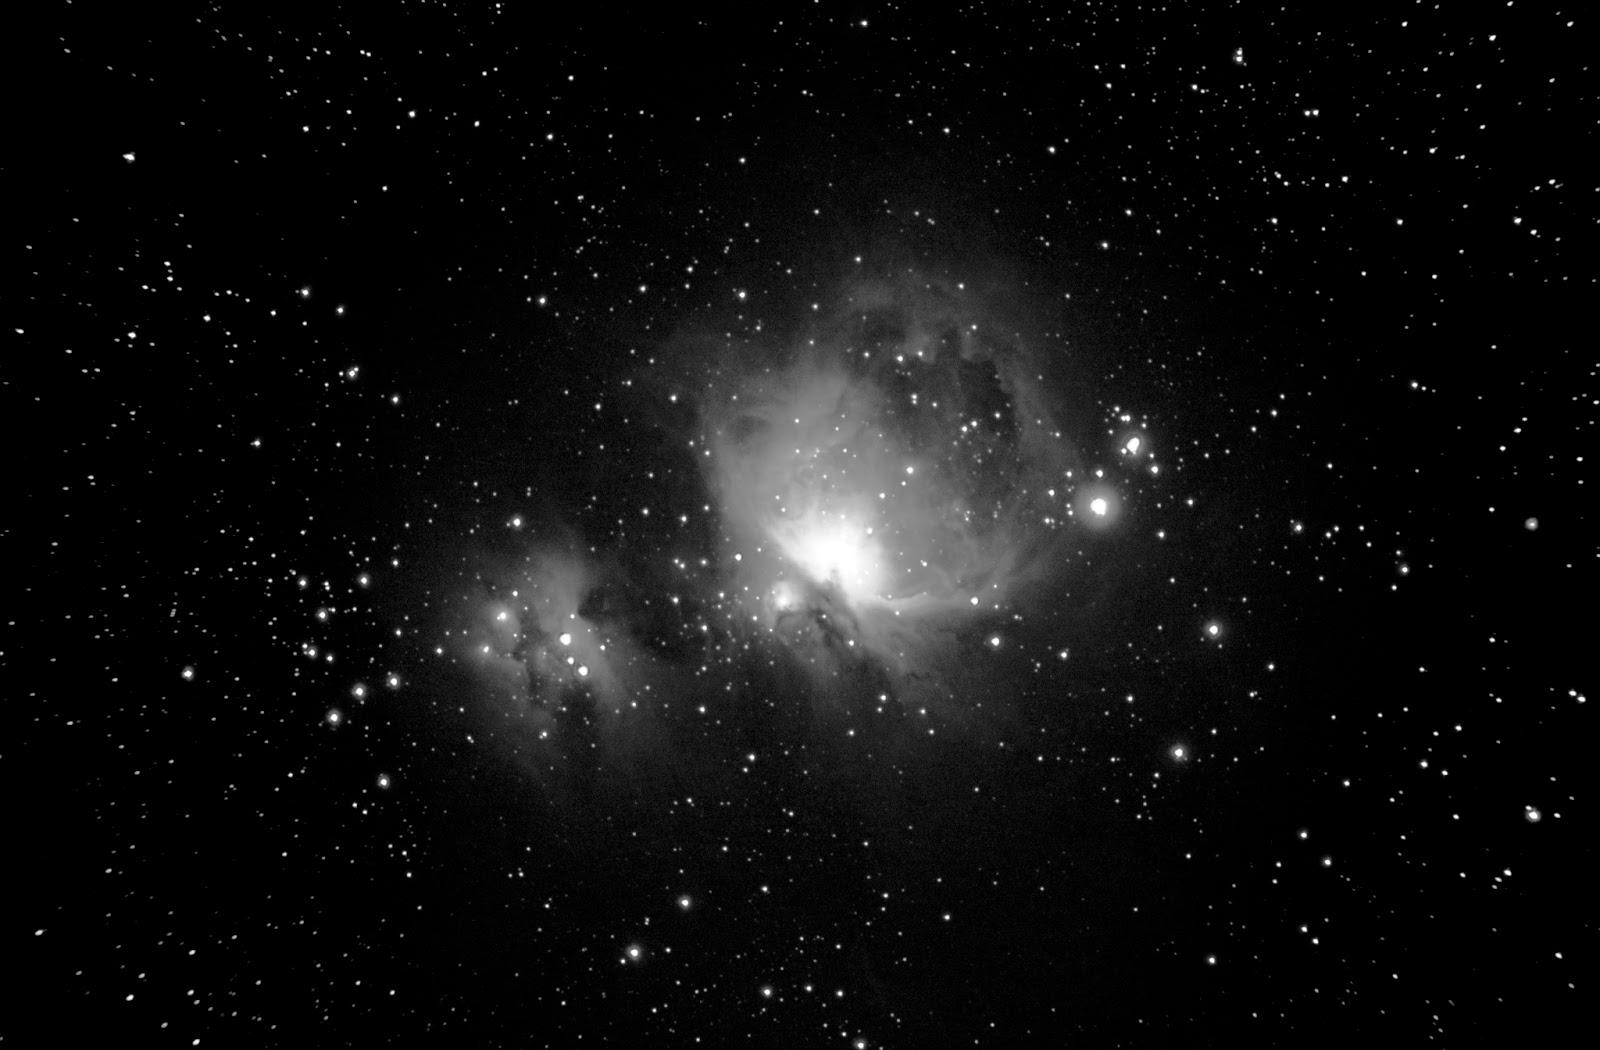 Astrof sica y f sica nebulosa de ori n en blanco y negro - Blanco y negro ...